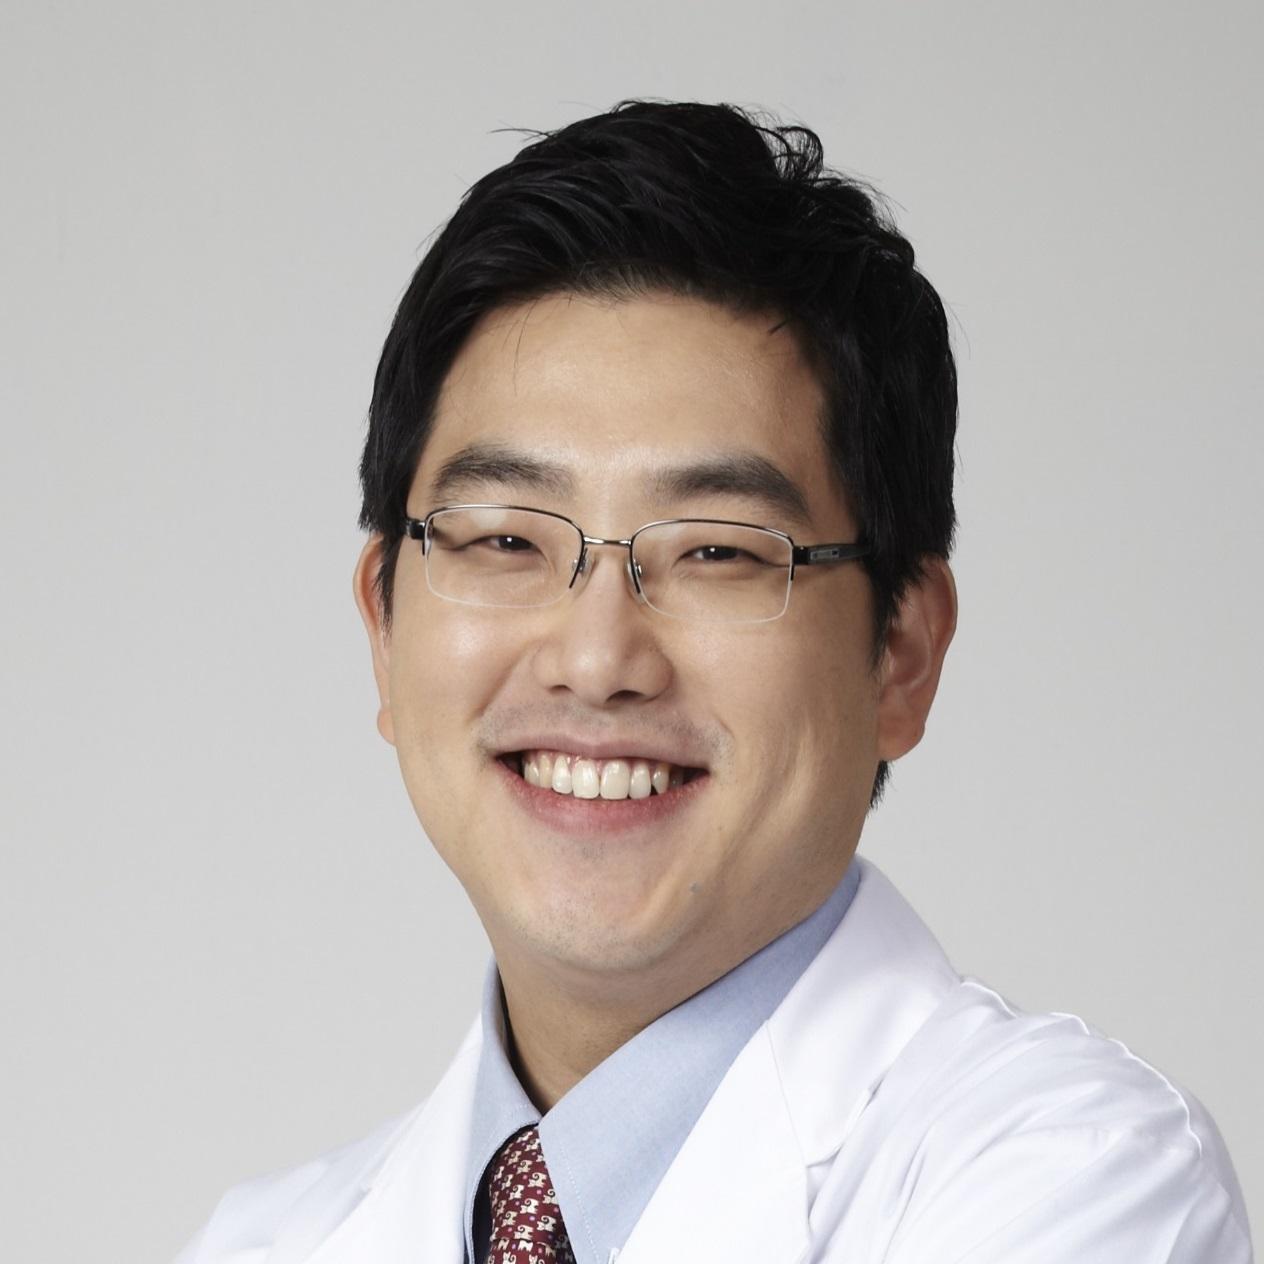 김영훈 전문의